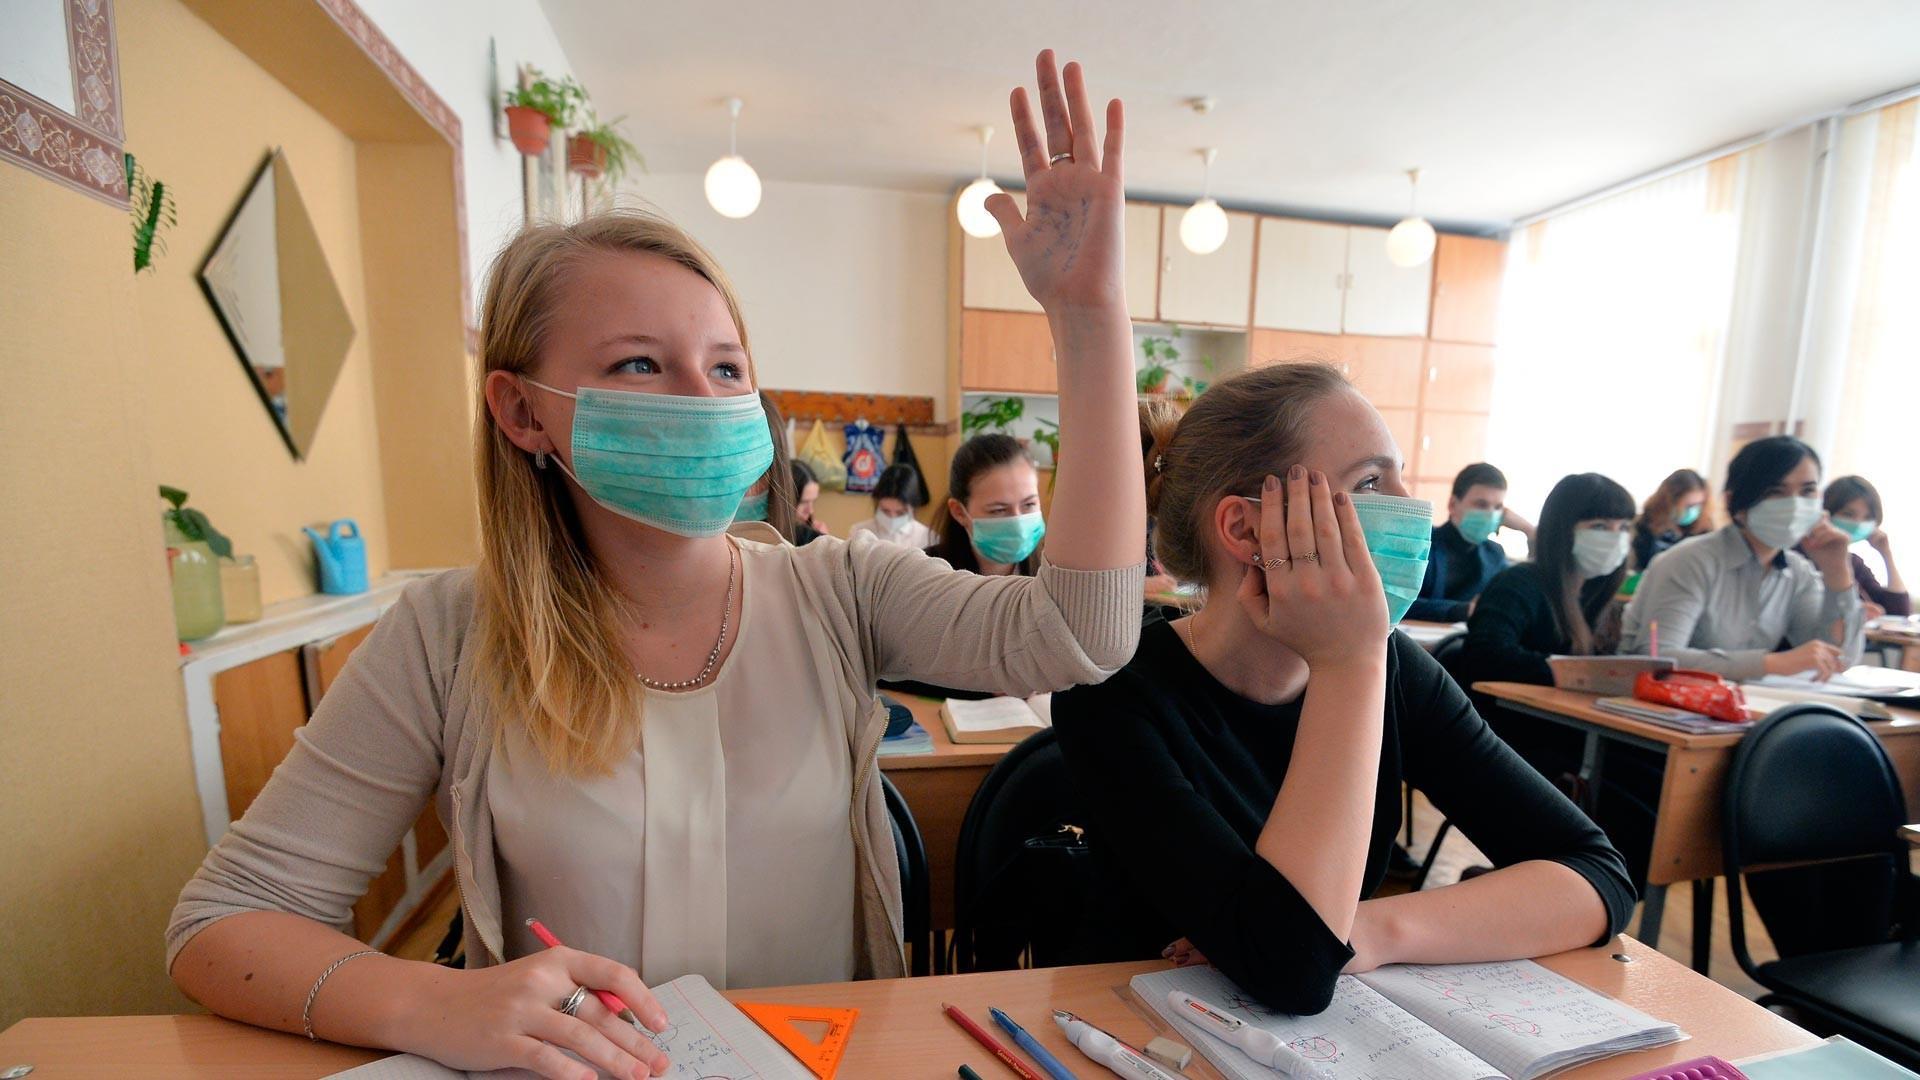 Дети чаще заражаются SARS-Cov-2 от взрослых, чем от одноклассников